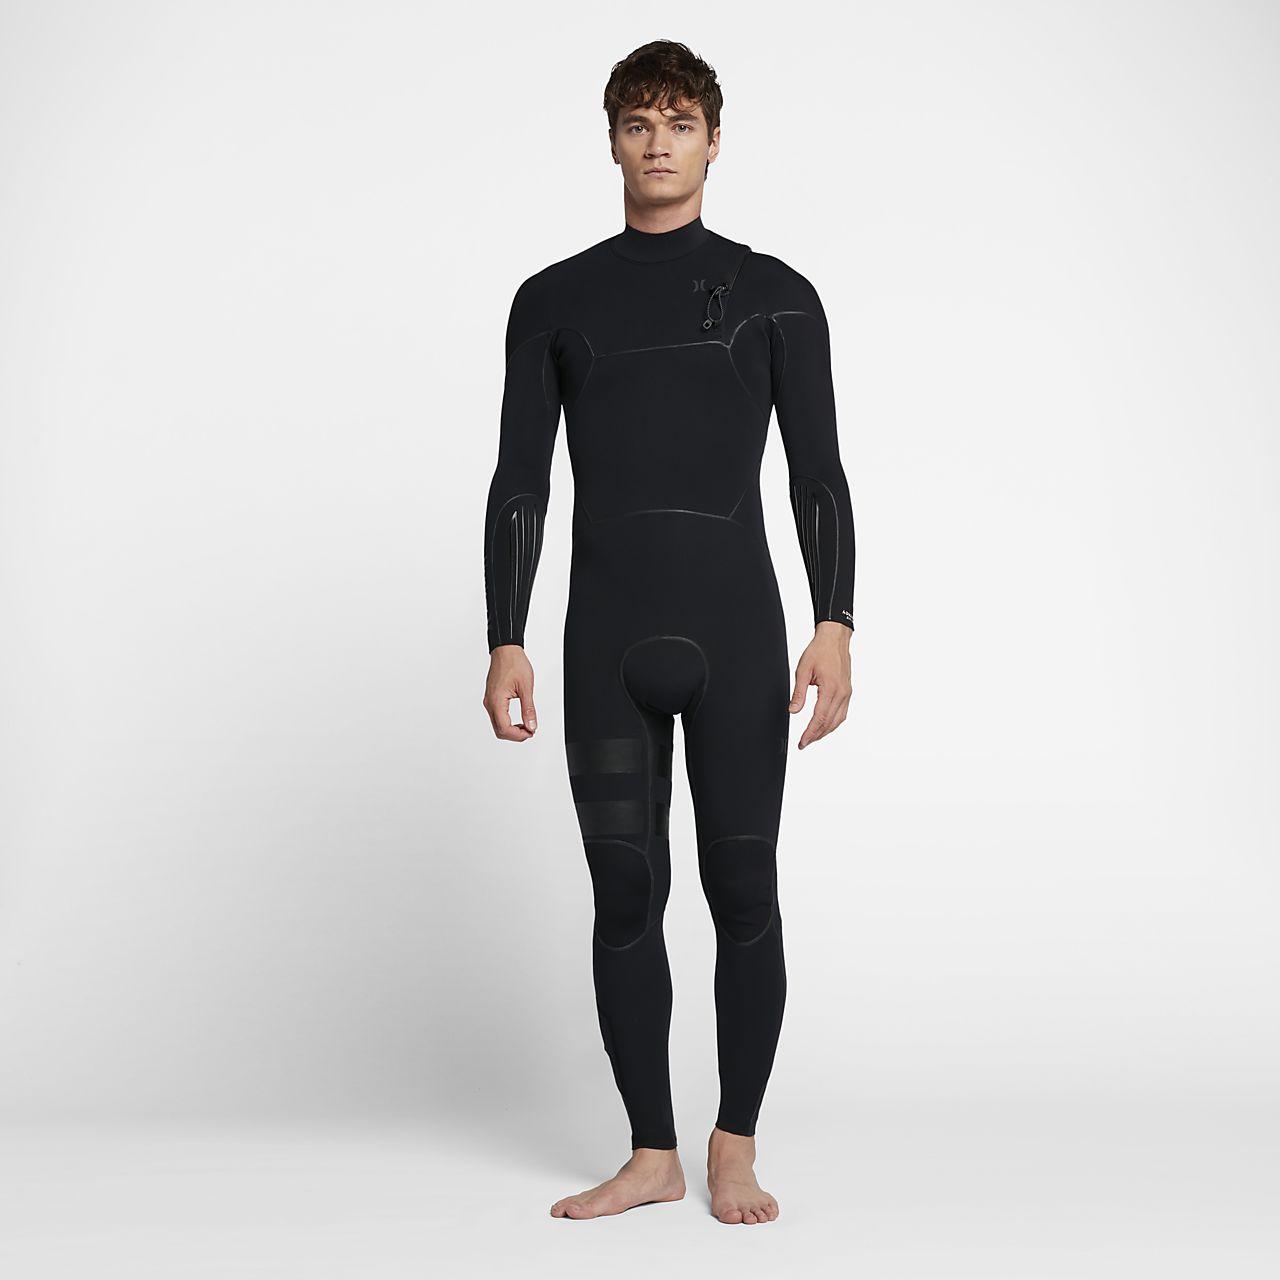 Hurley Advantage Max 2/2mm Fullsuit Men's Wetsuit